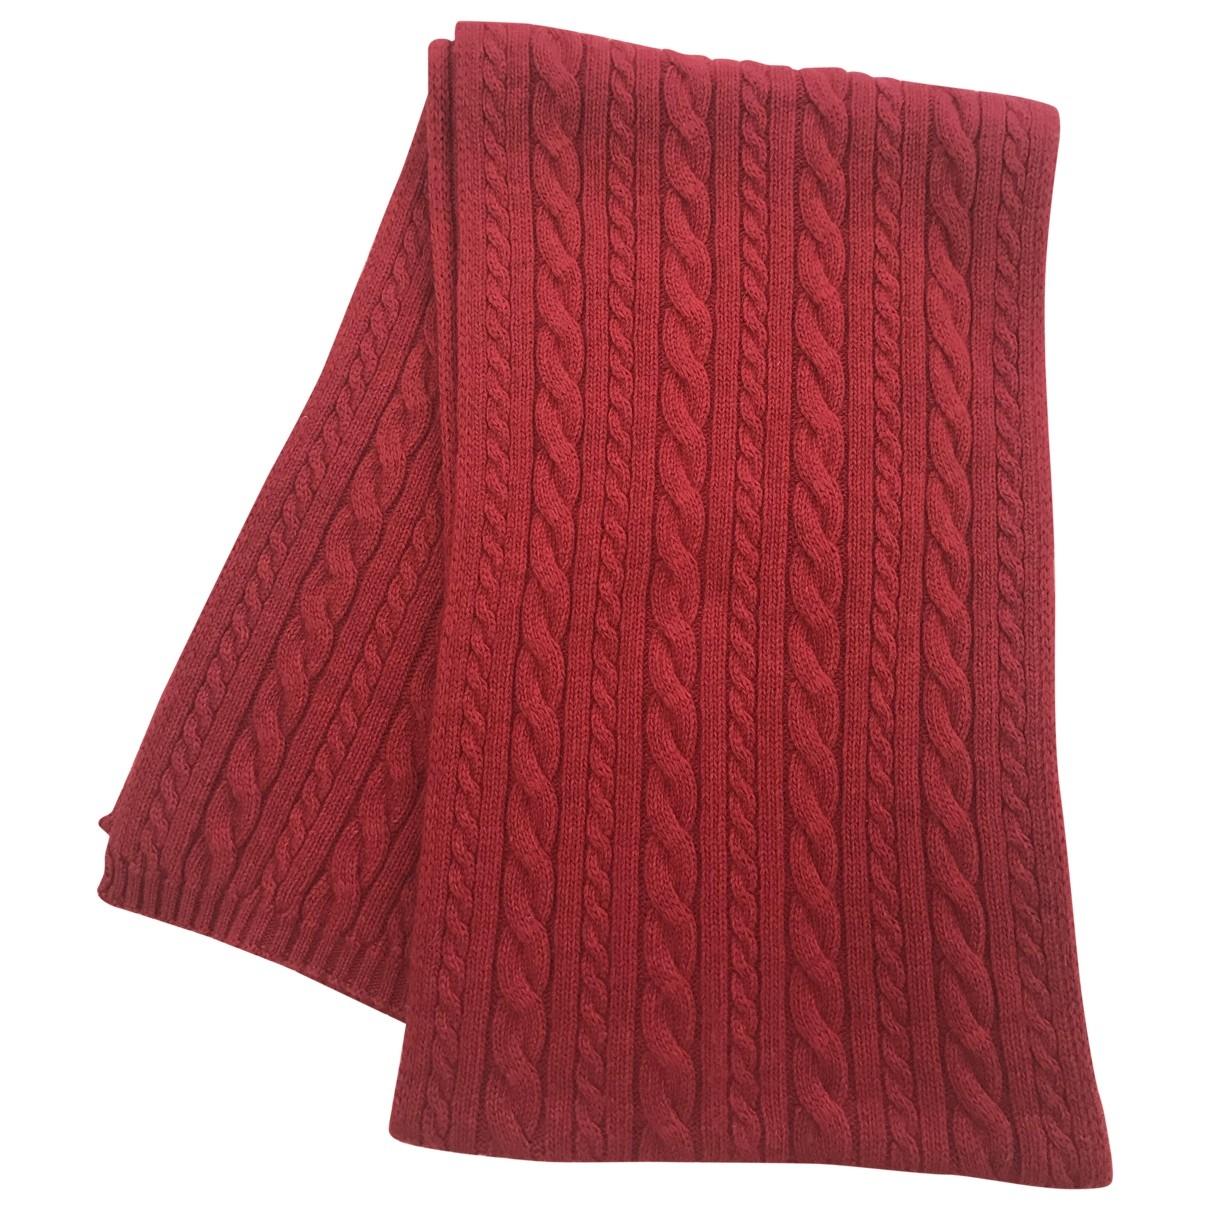 Romeo Gigli \N Red Wool scarf for Women \N